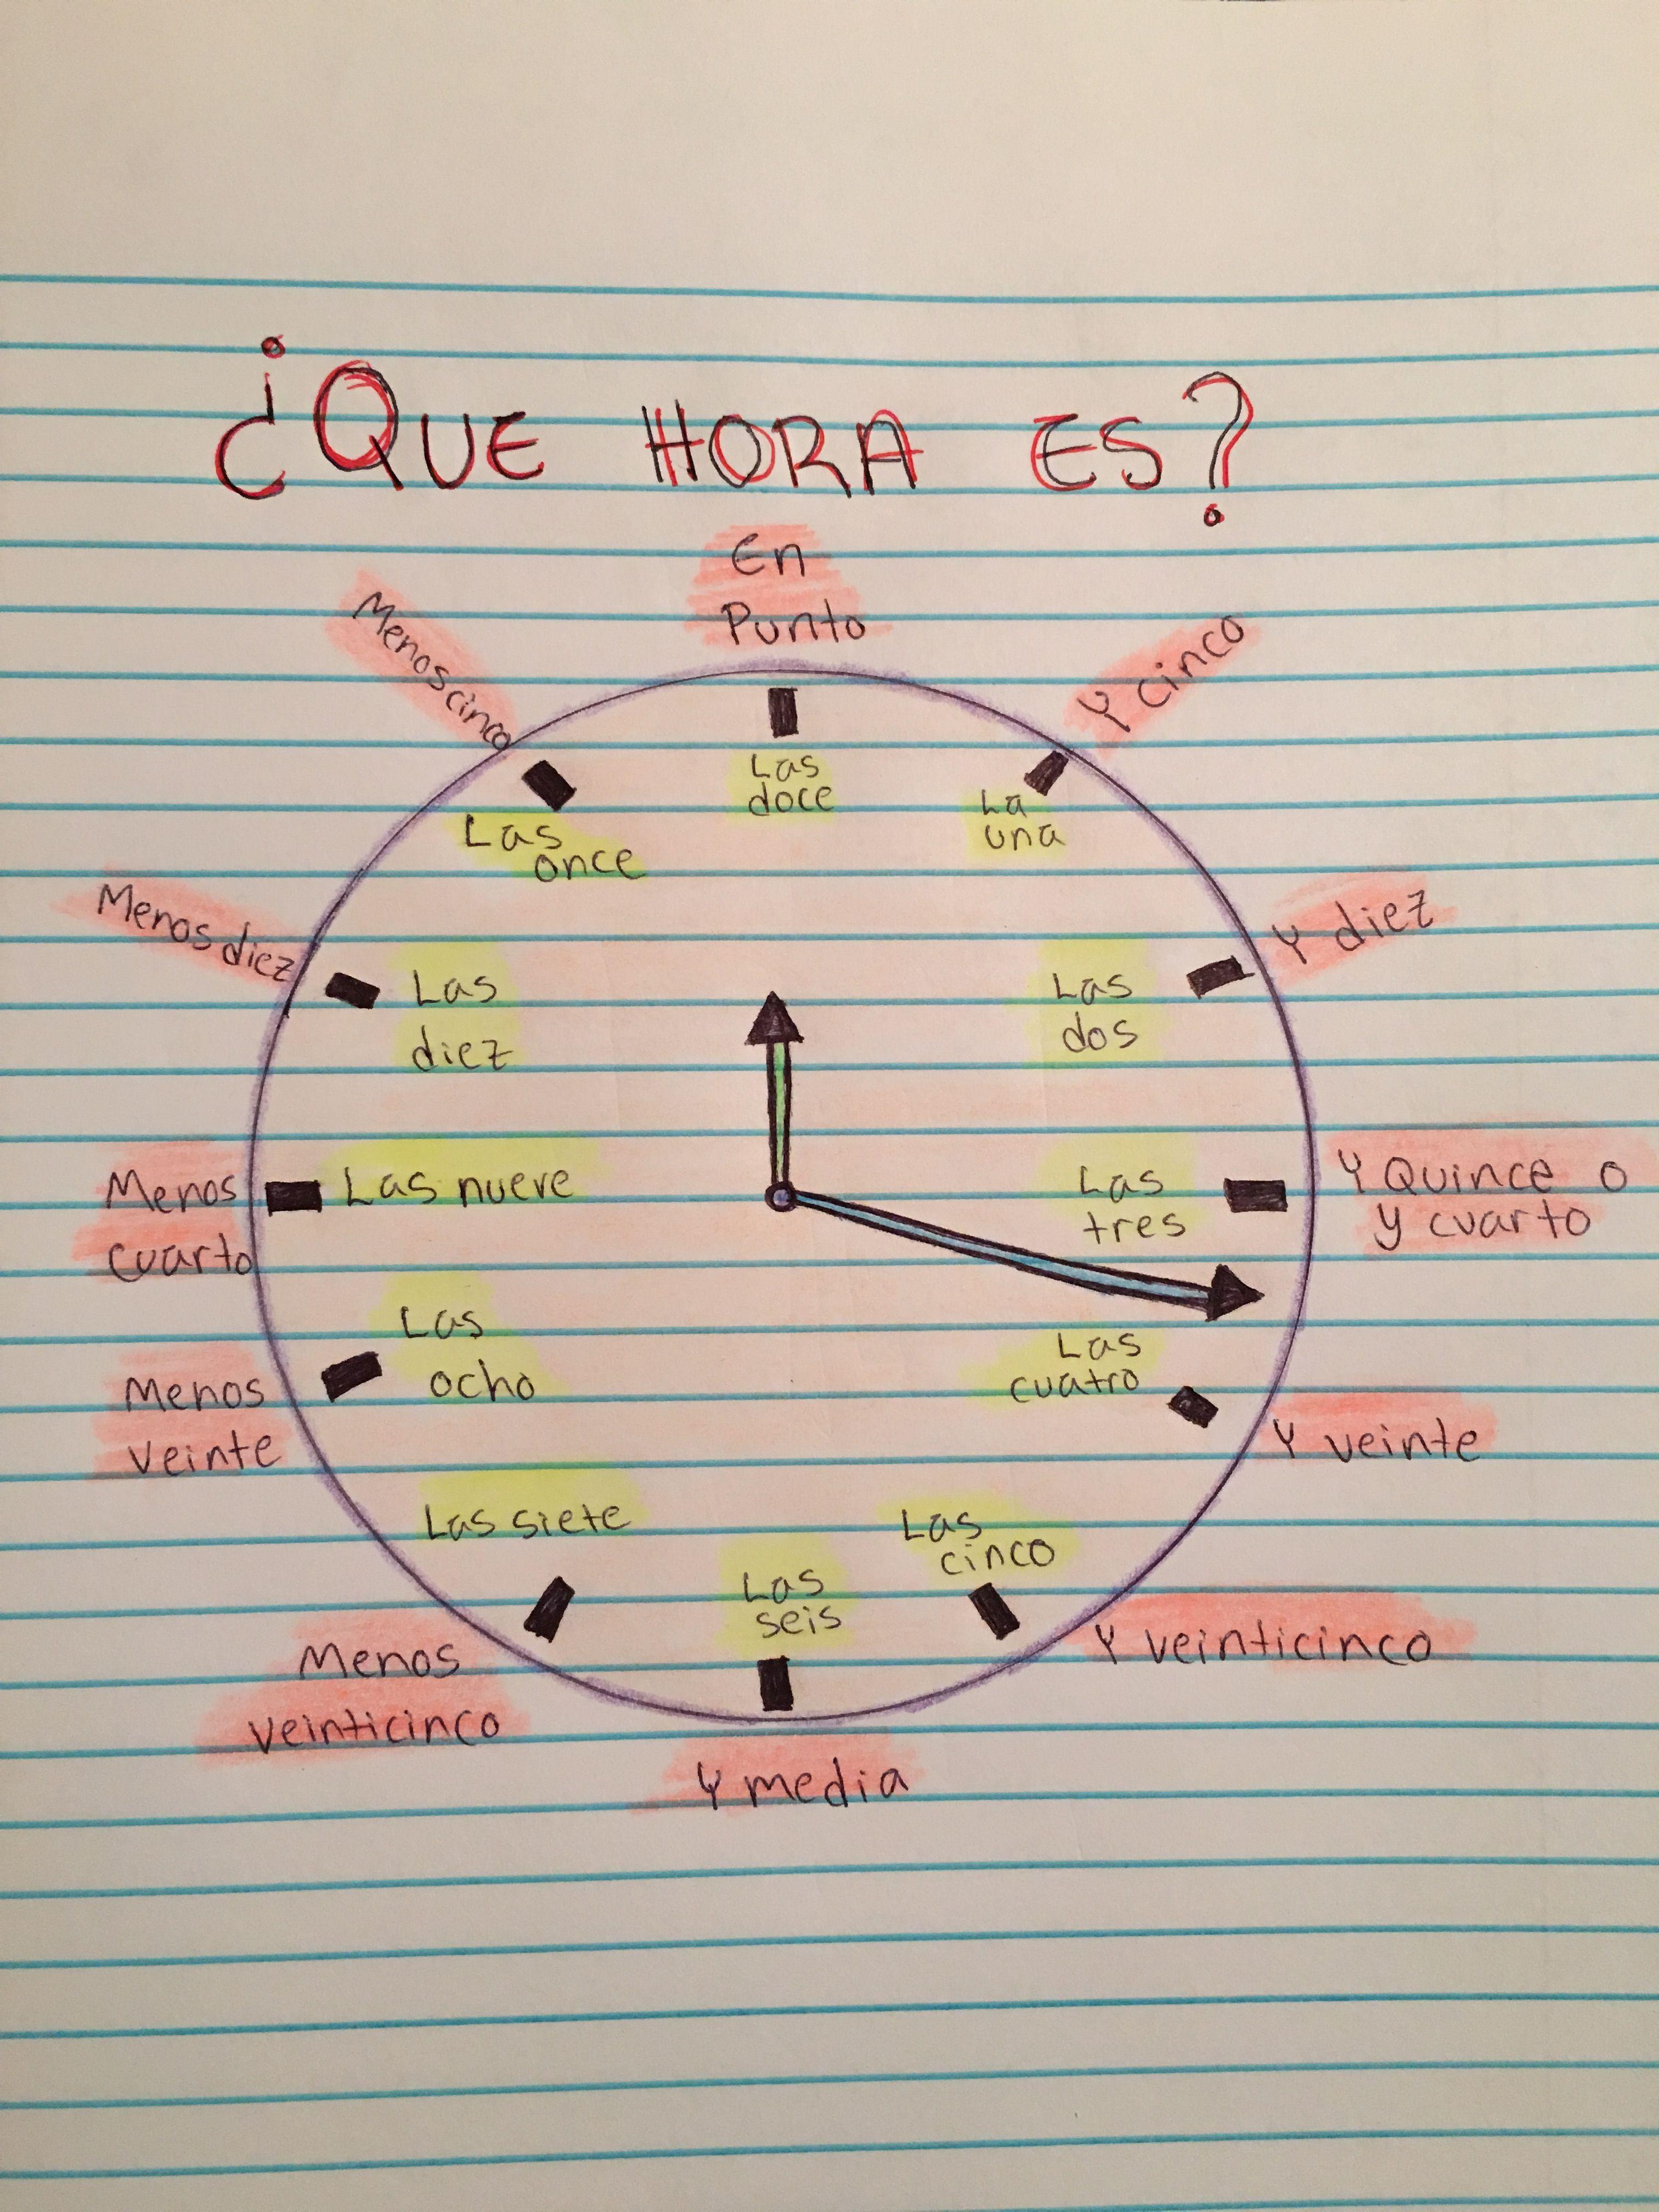 El Horario En Espanol Aprender A Decir La Hora En Espanol